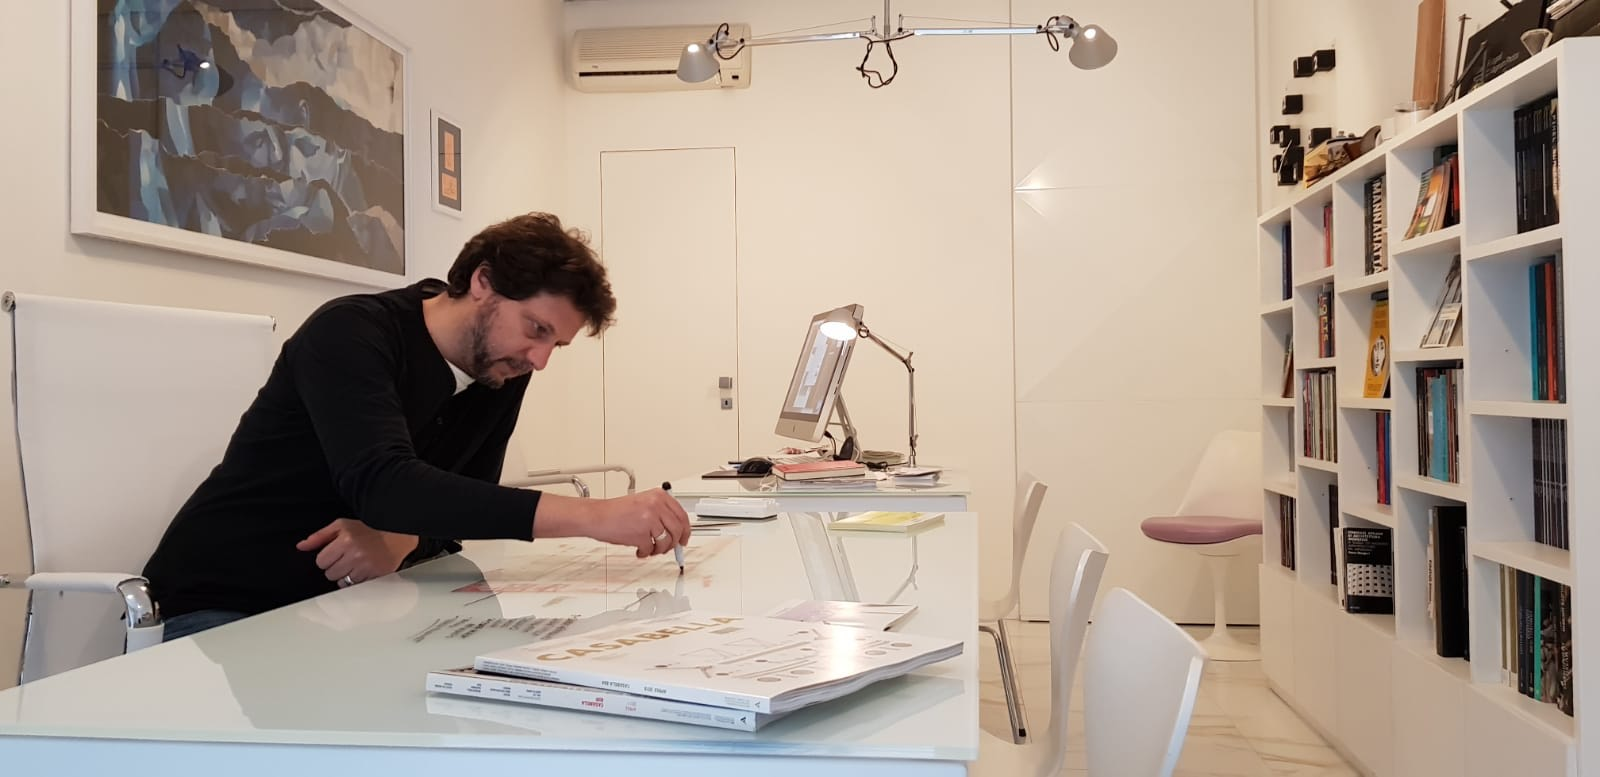 Fotografia dell'architetto all'interno del suo studio professionale di architettura